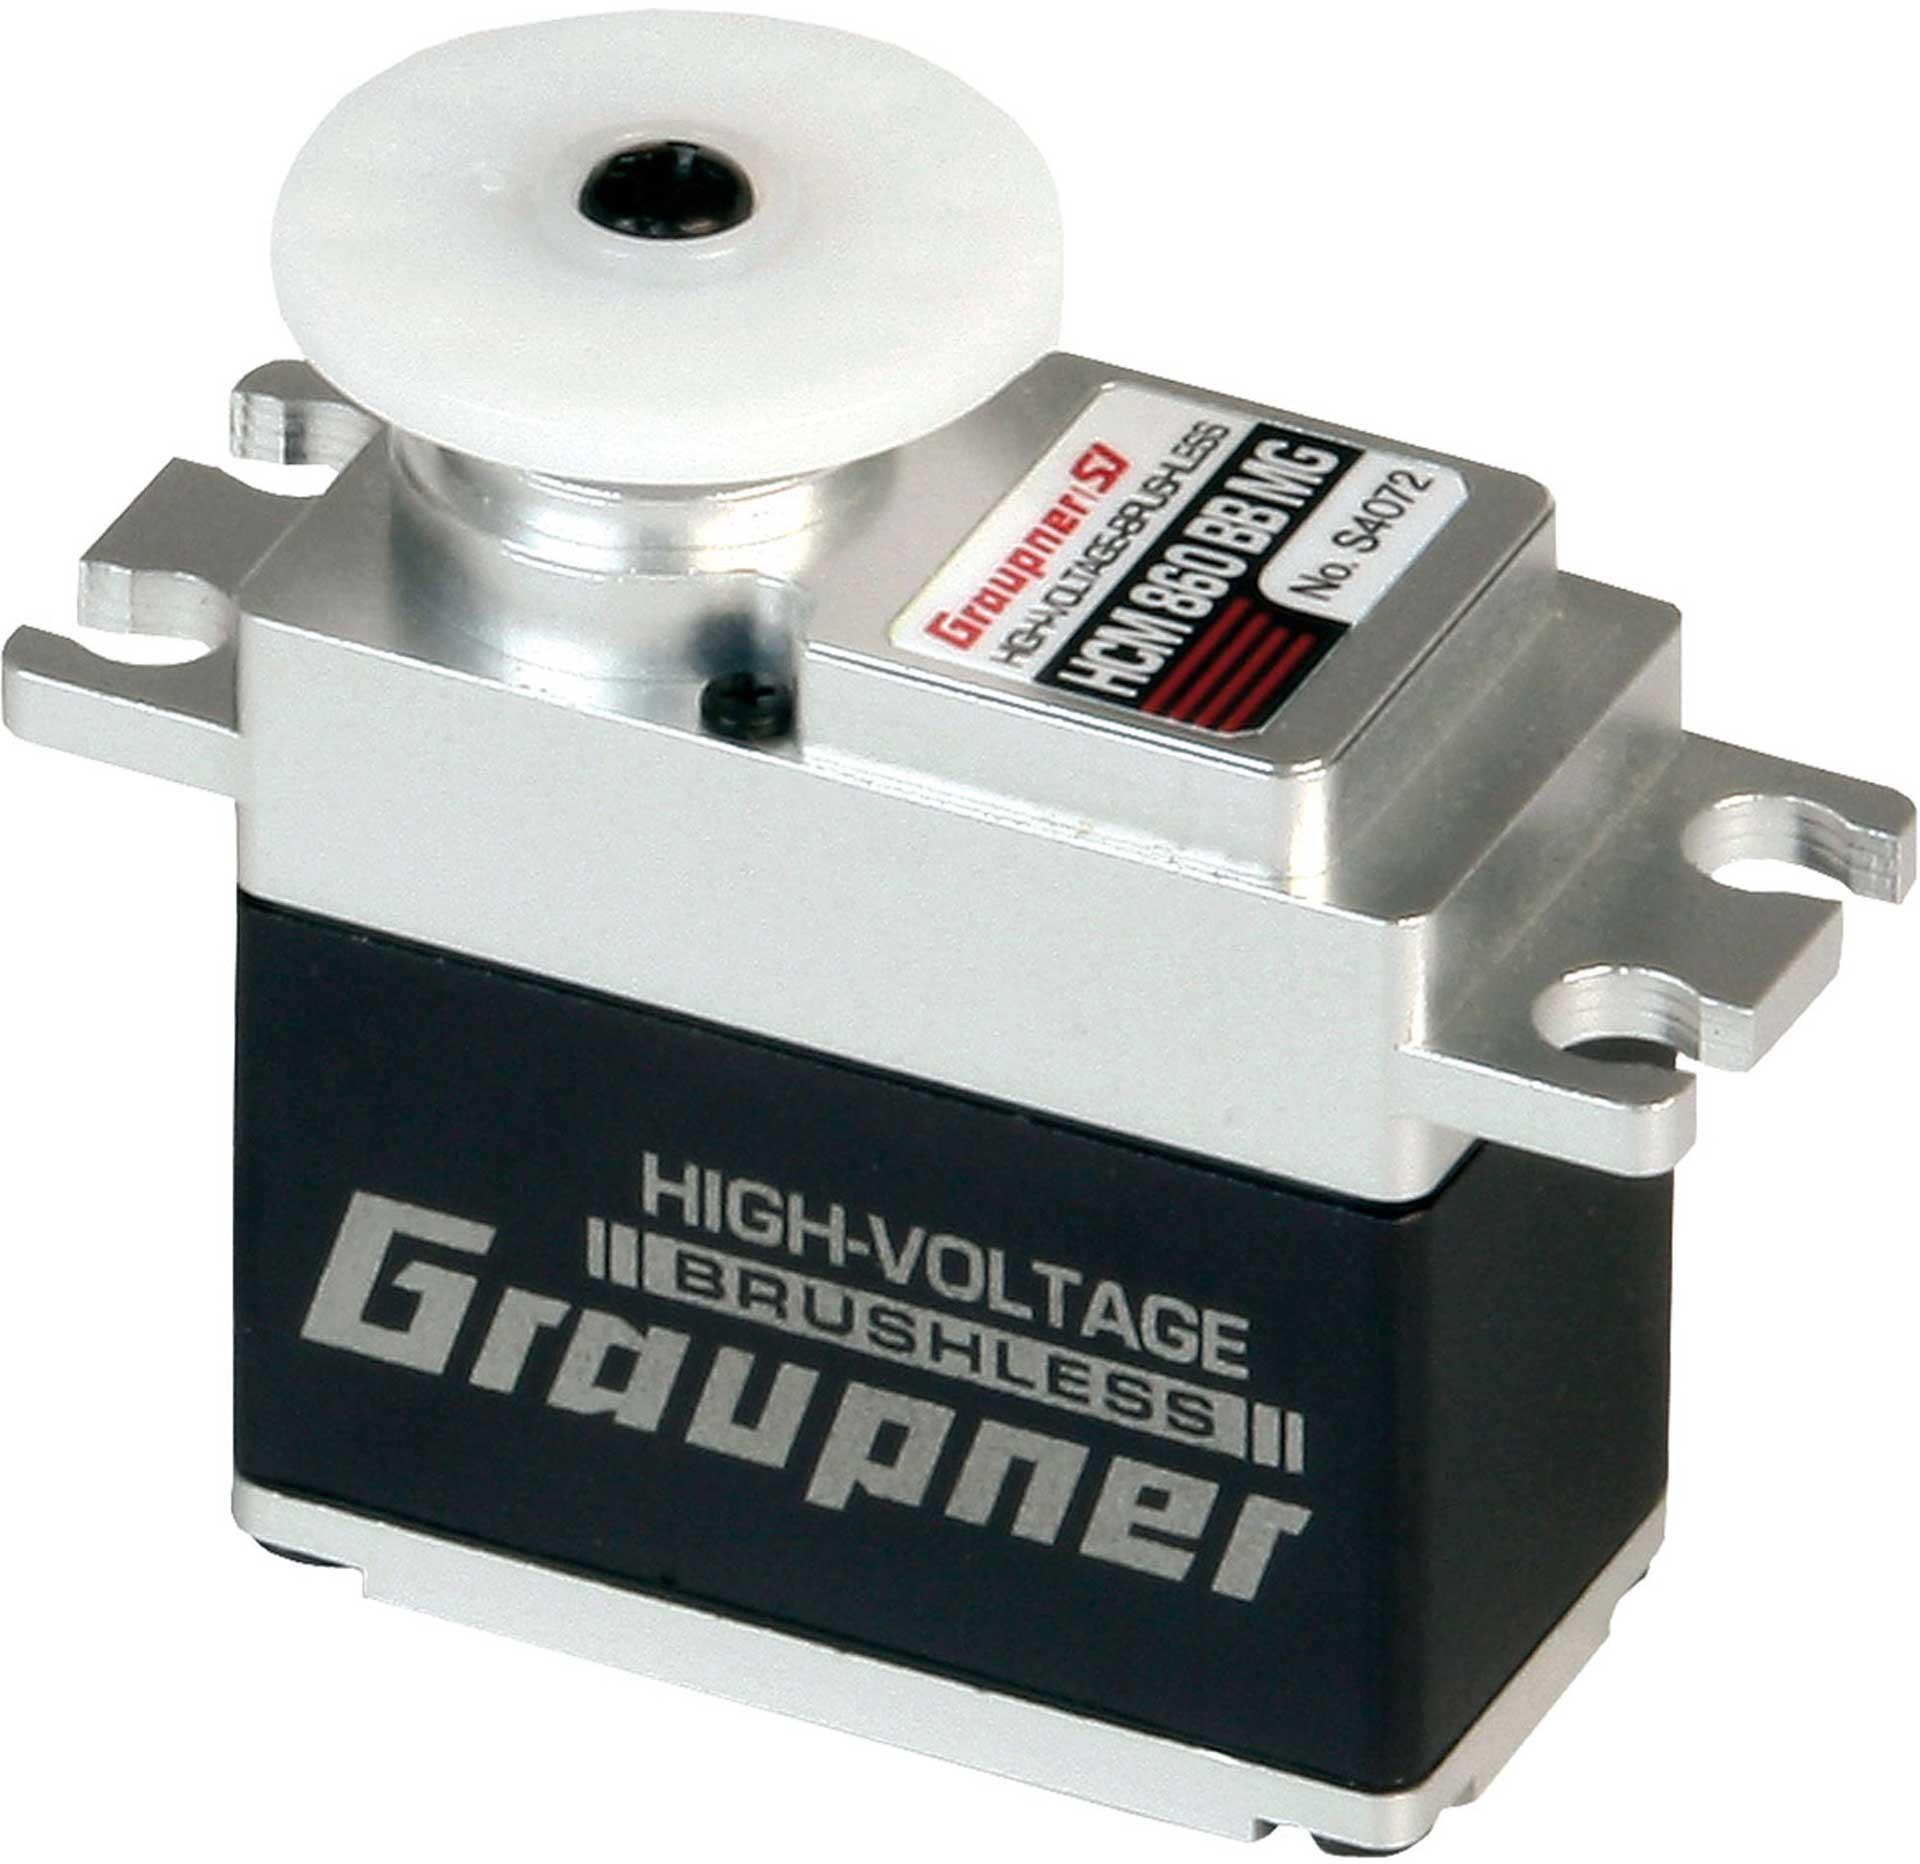 GRAUPNER HCM 860 BB MG DIGI HV CORELESS TORQUE WITH 20MM WIDTH